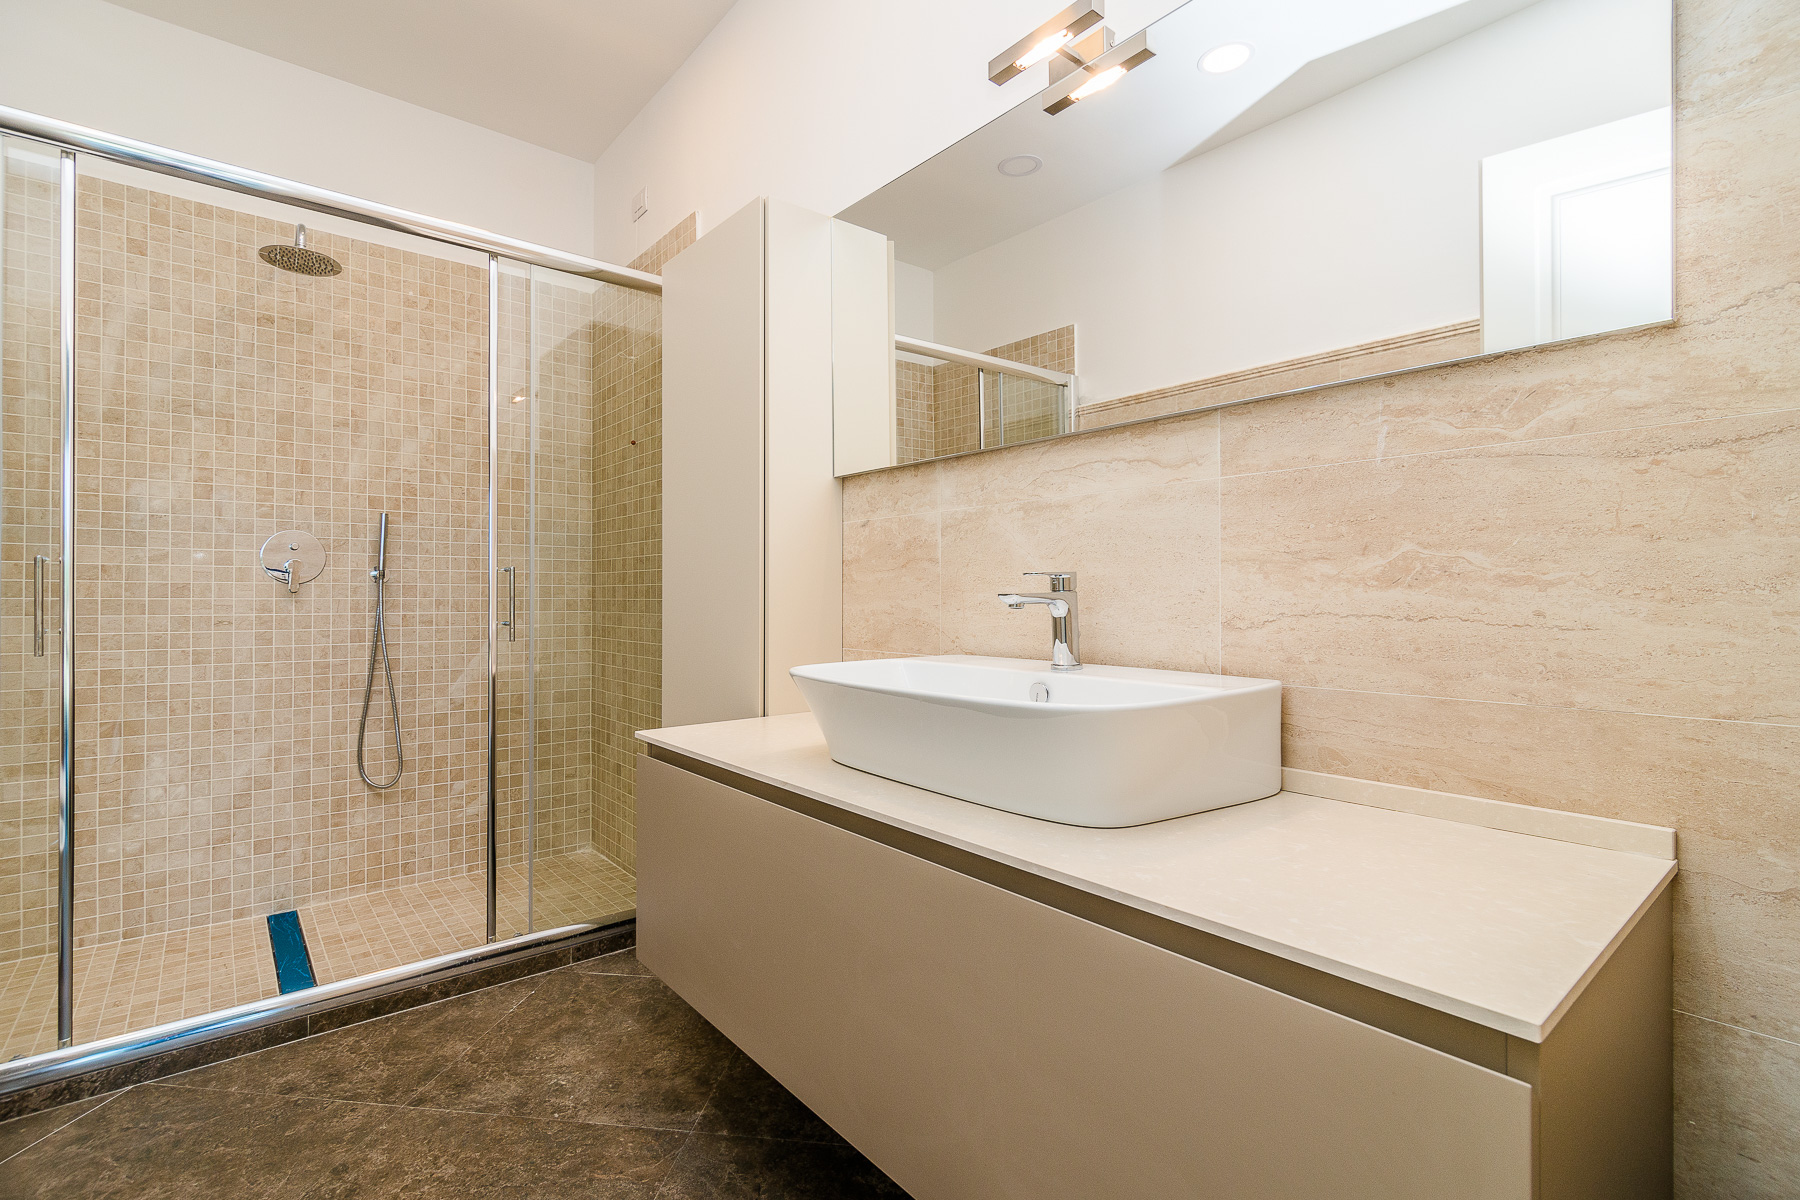 Villa in Vendita a Arzachena: 4 locali, 211 mq - Foto 16